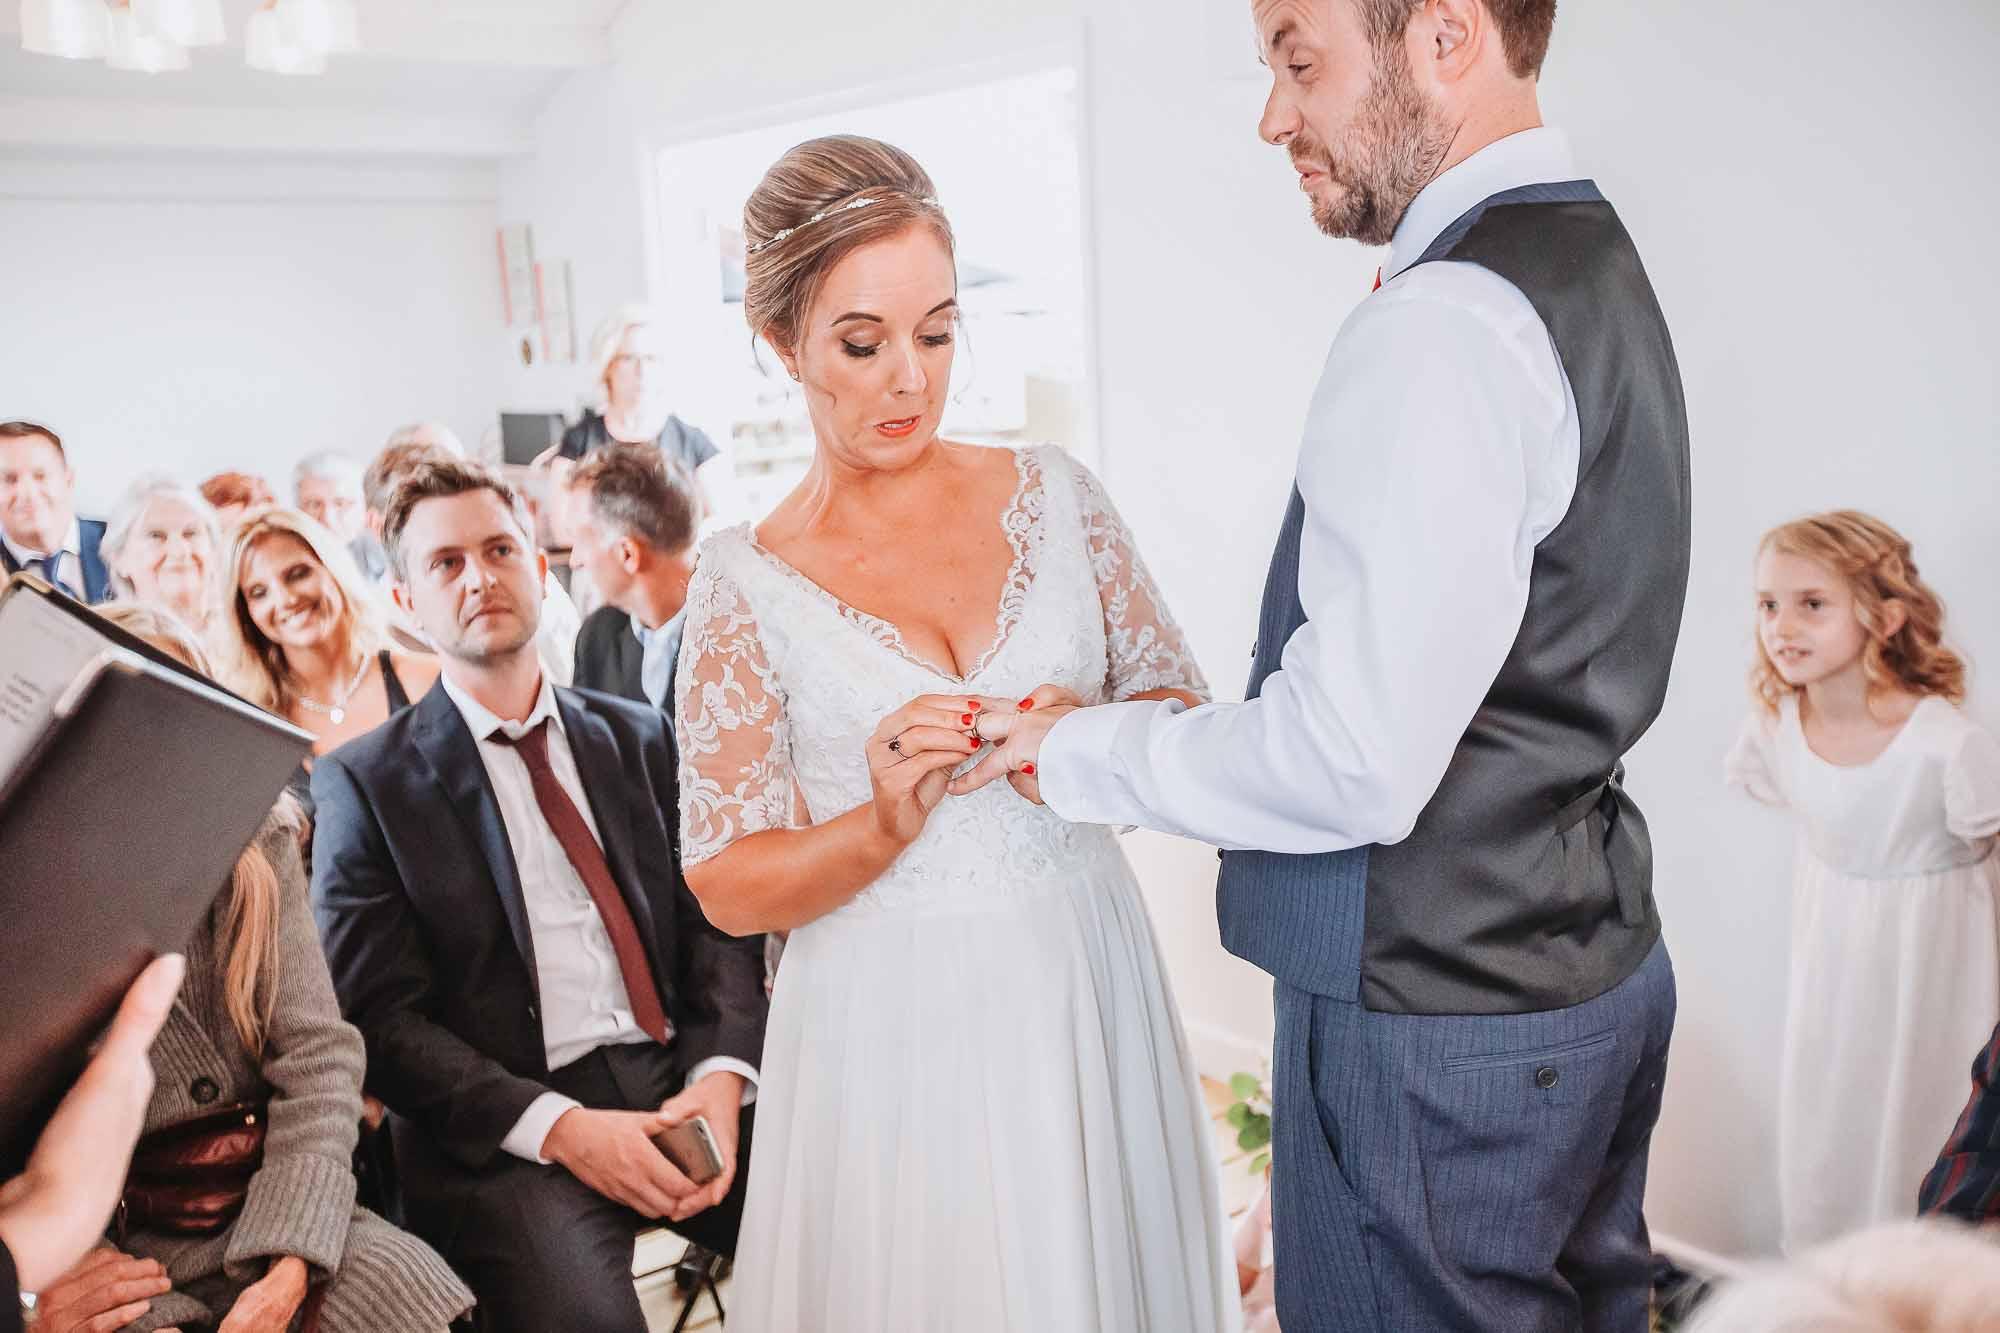 bride struggling to get wedding band on grooms finger